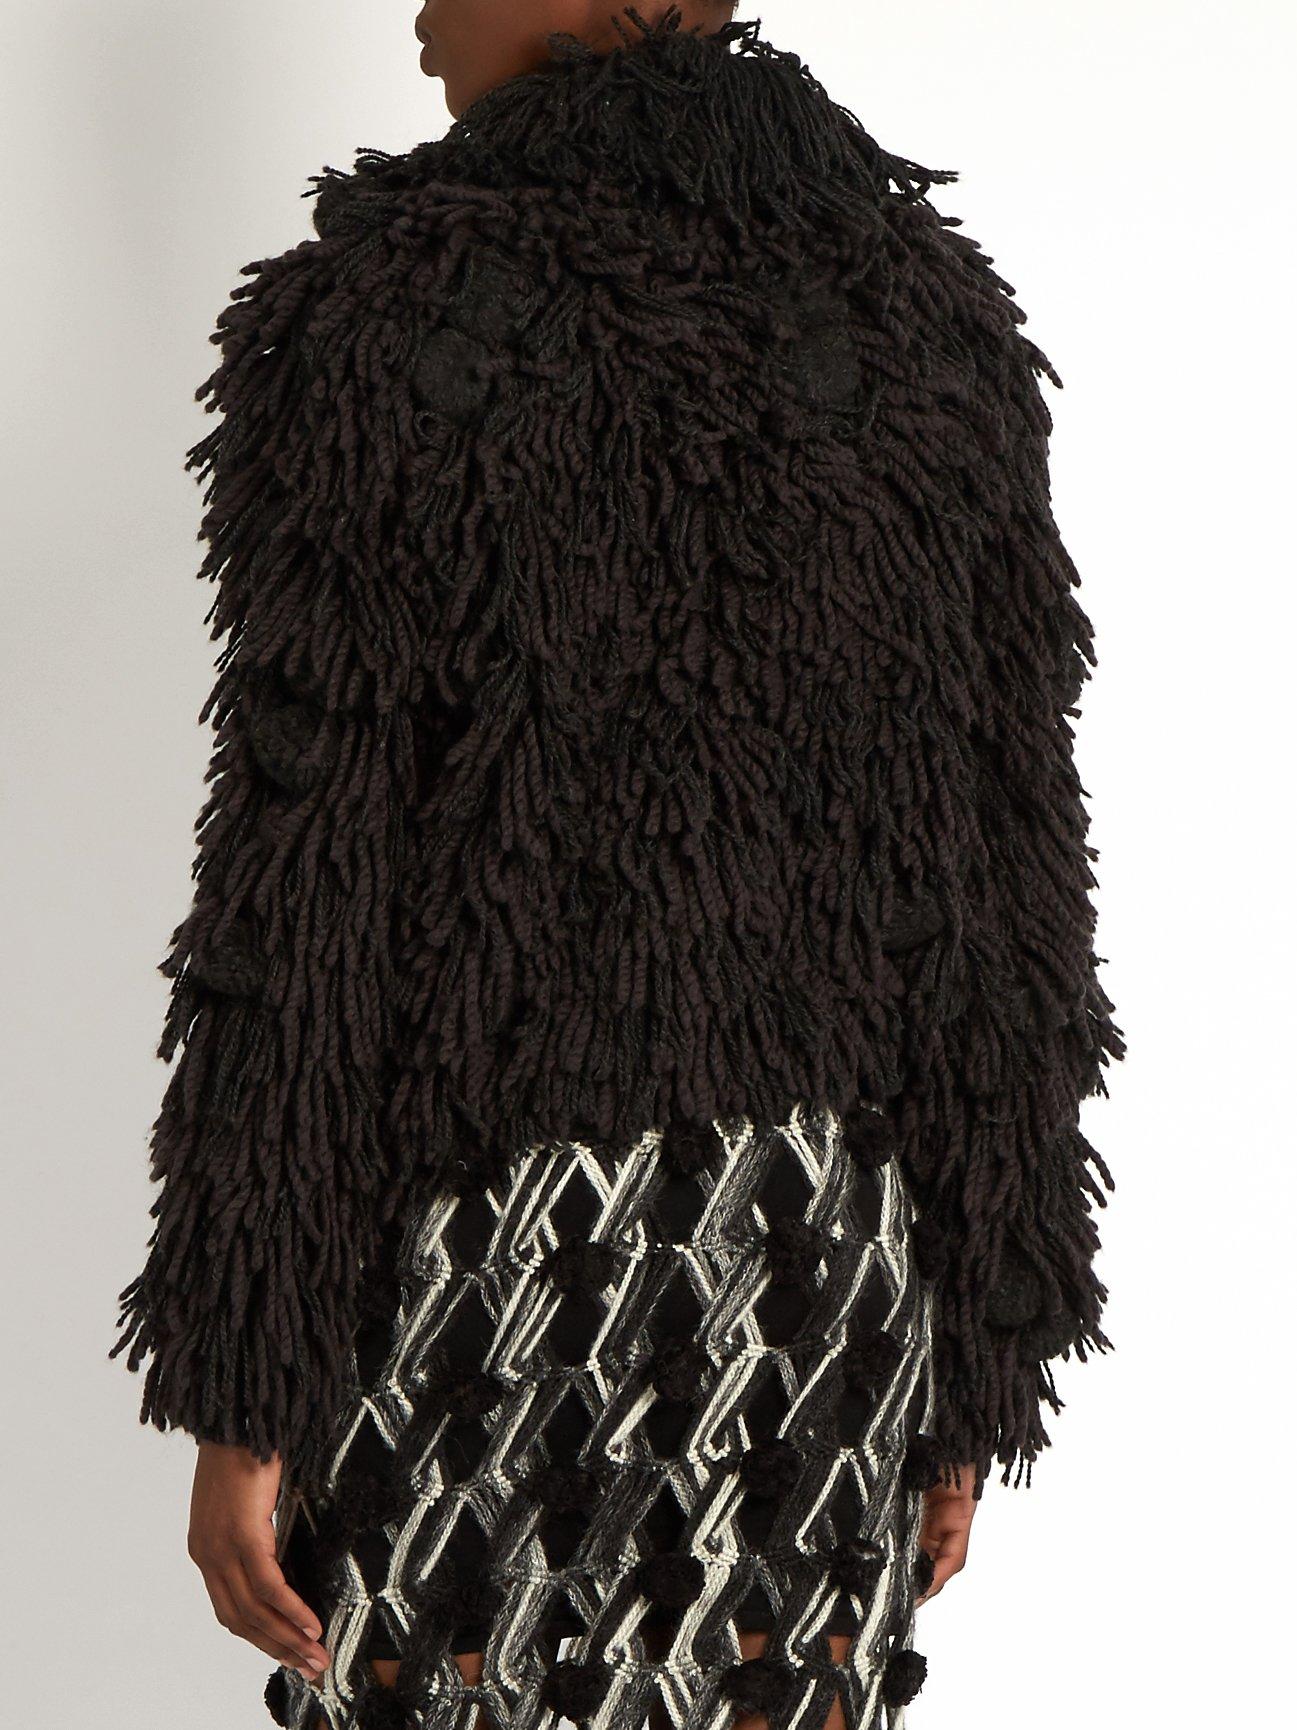 Mala hand-fringed alpaca-blend bomber jacket by Tabula Rasa